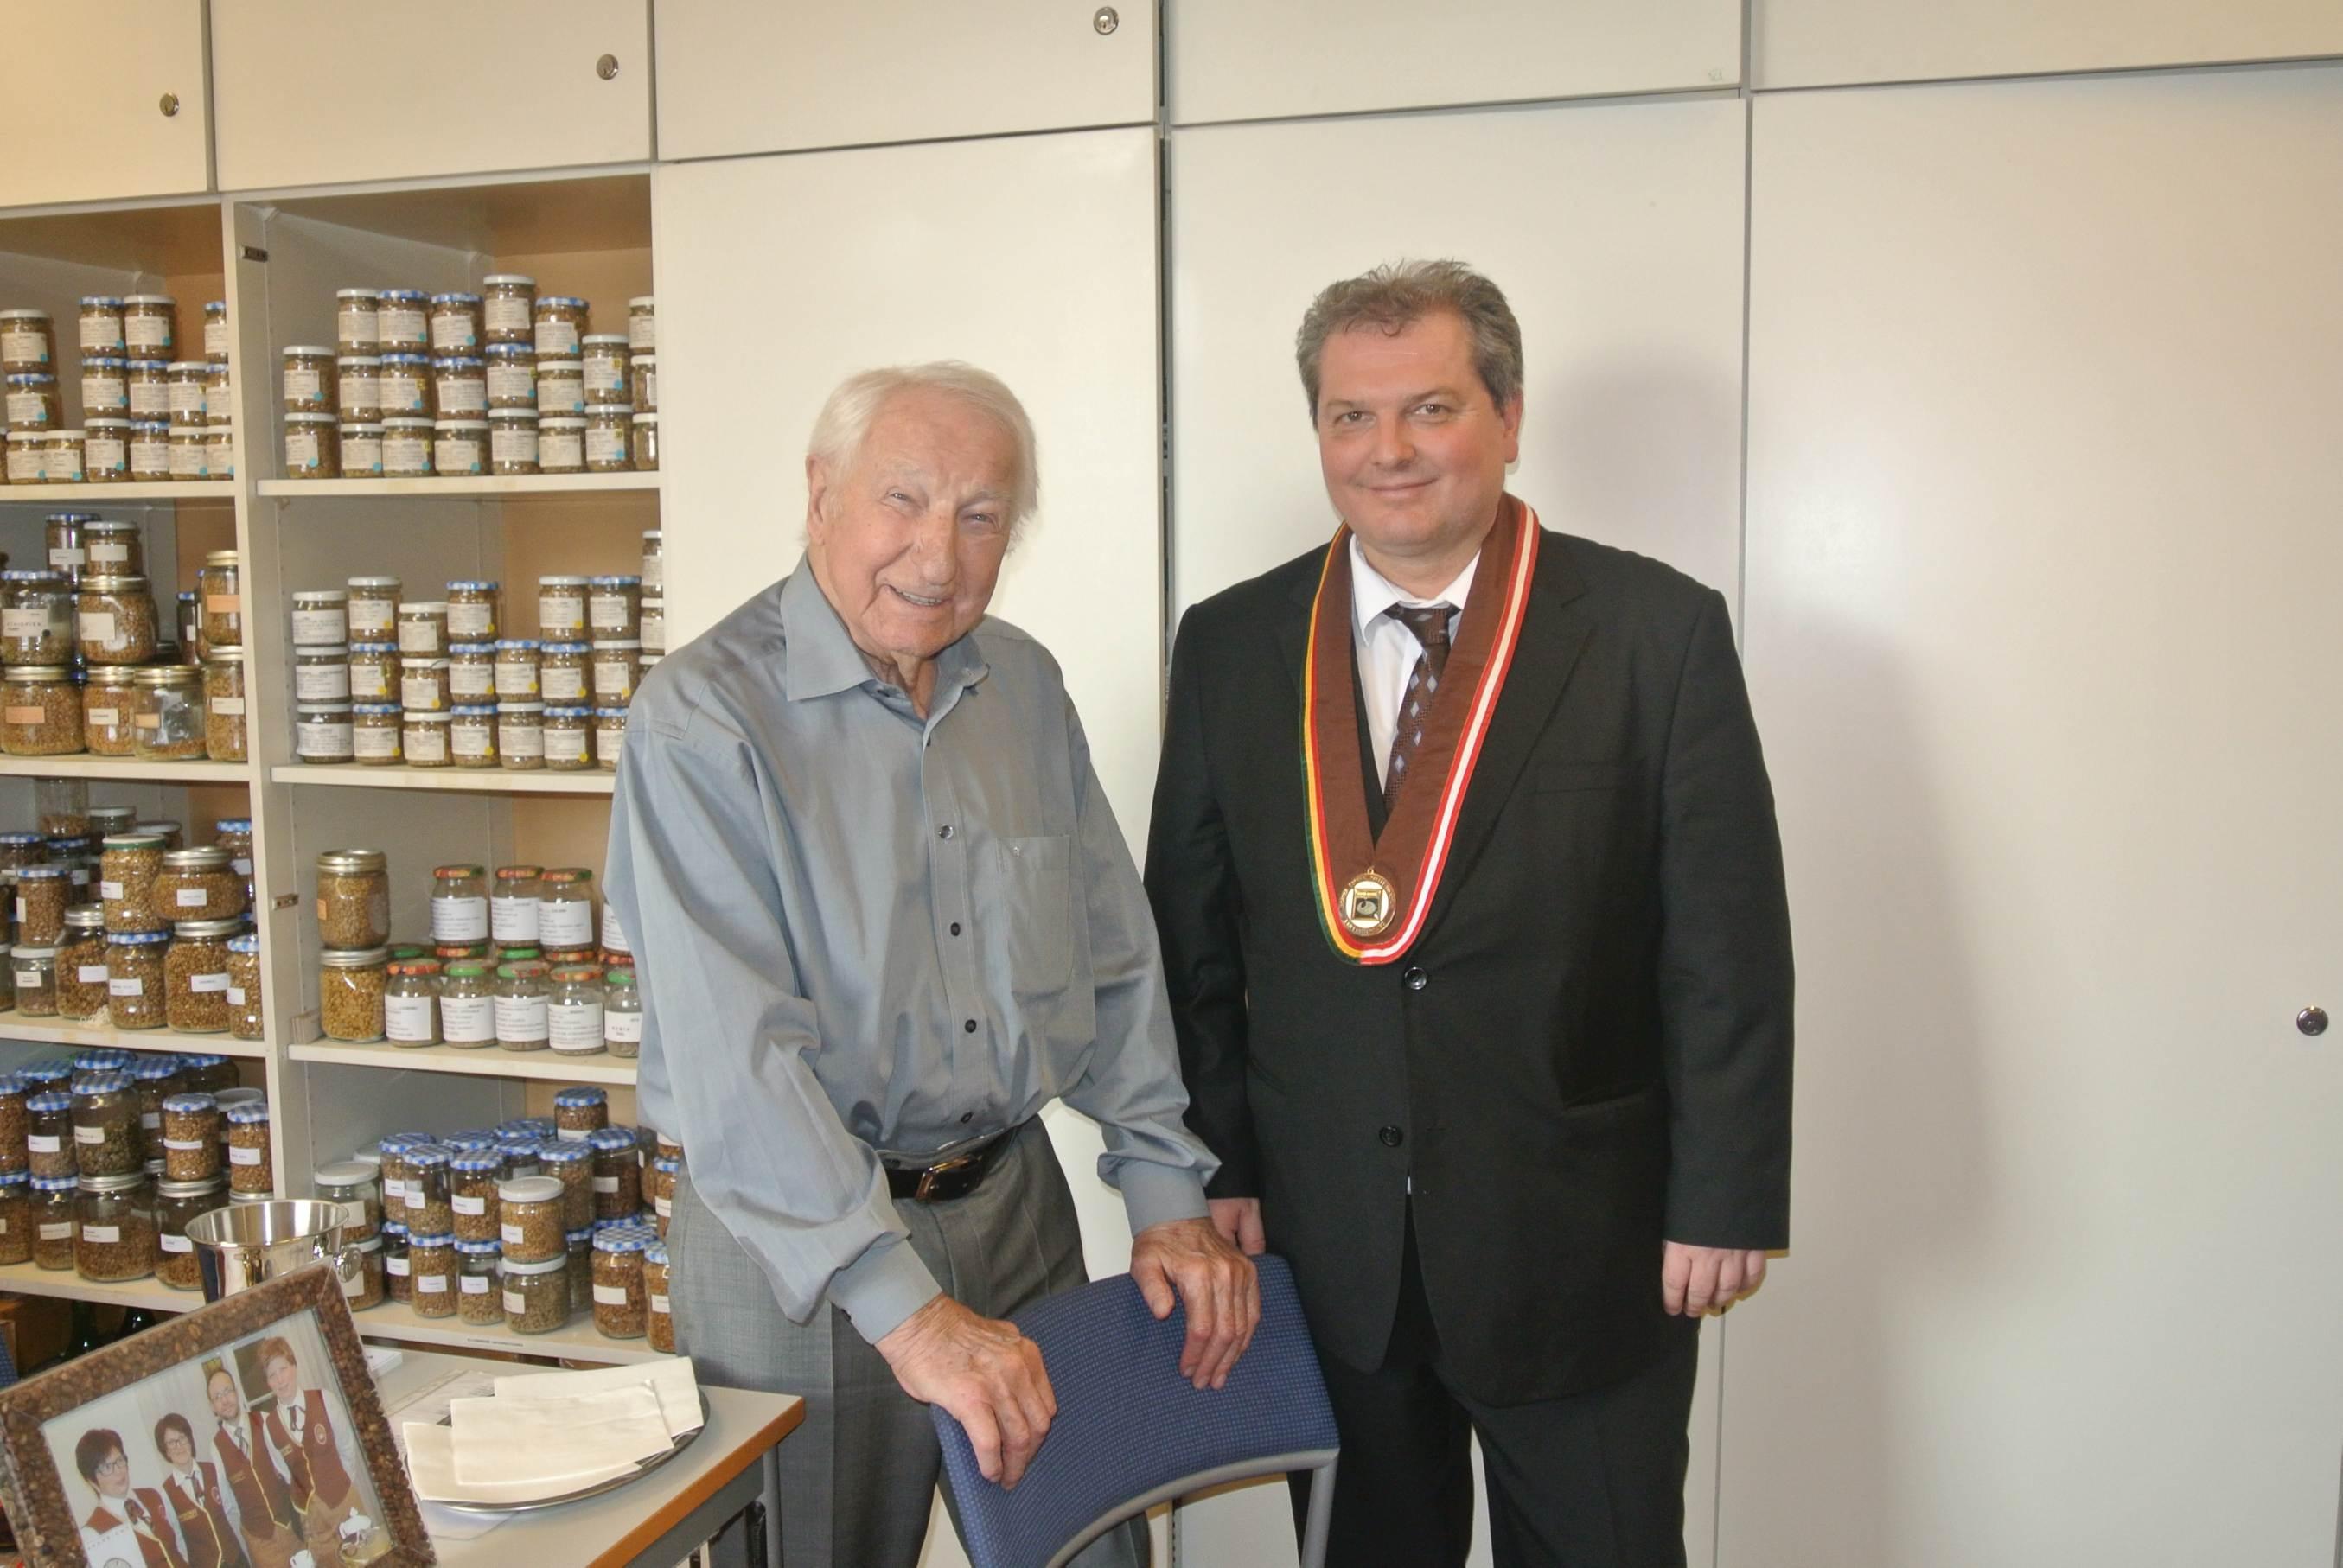 Herrn Markus Madar, MAS wird die Ehrenmitgliedschaft von Hr. Prof. Leopold Edelbauer verliehen.